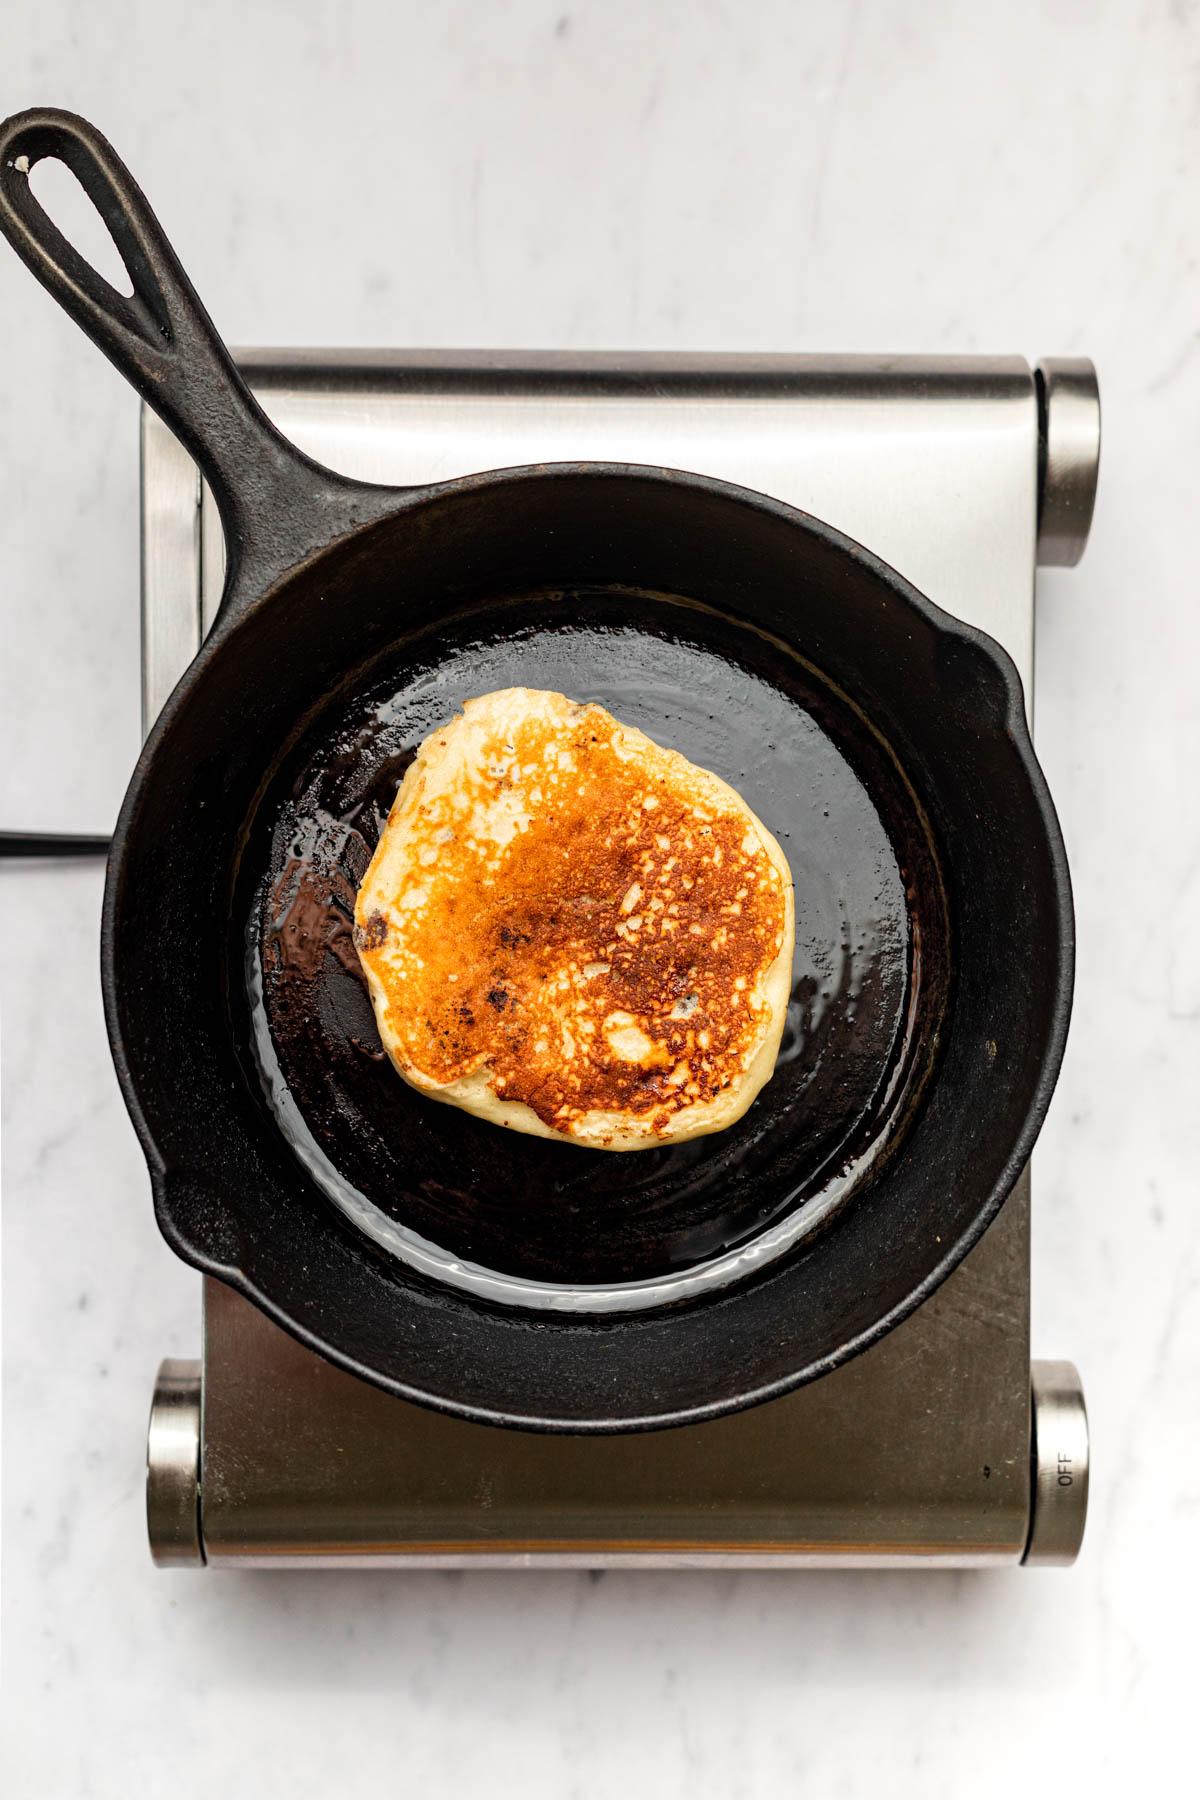 Pancake after flipping.